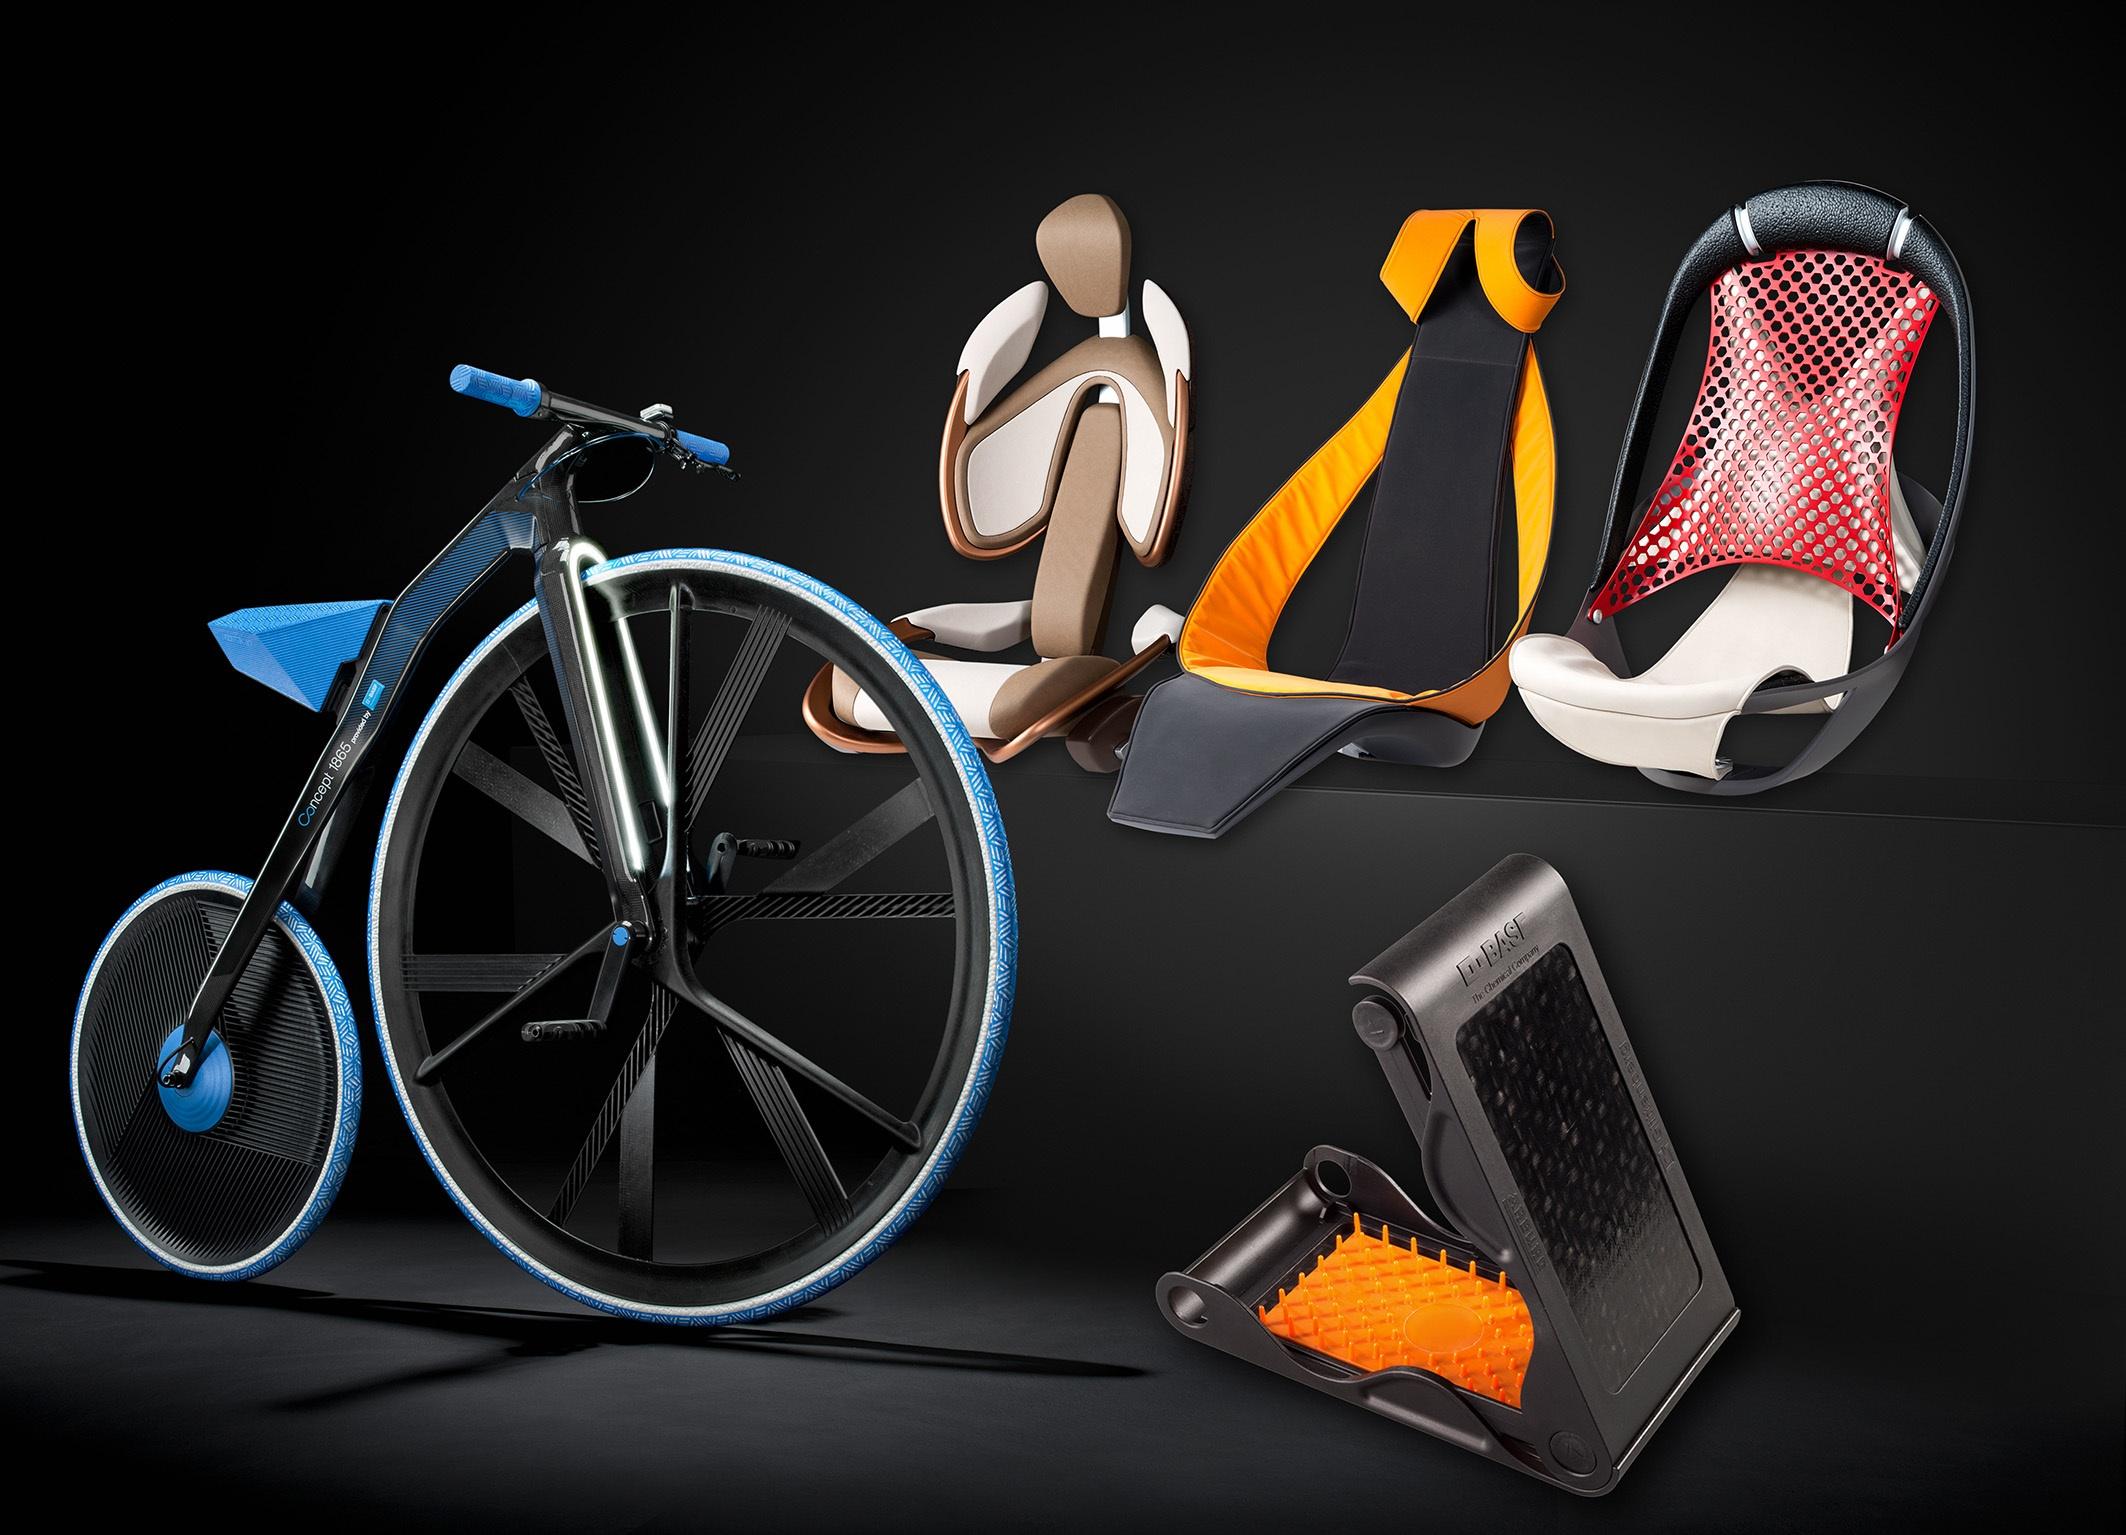 Fotelje i bicikli na sajmu plastike K2013 u Dizeldorfu